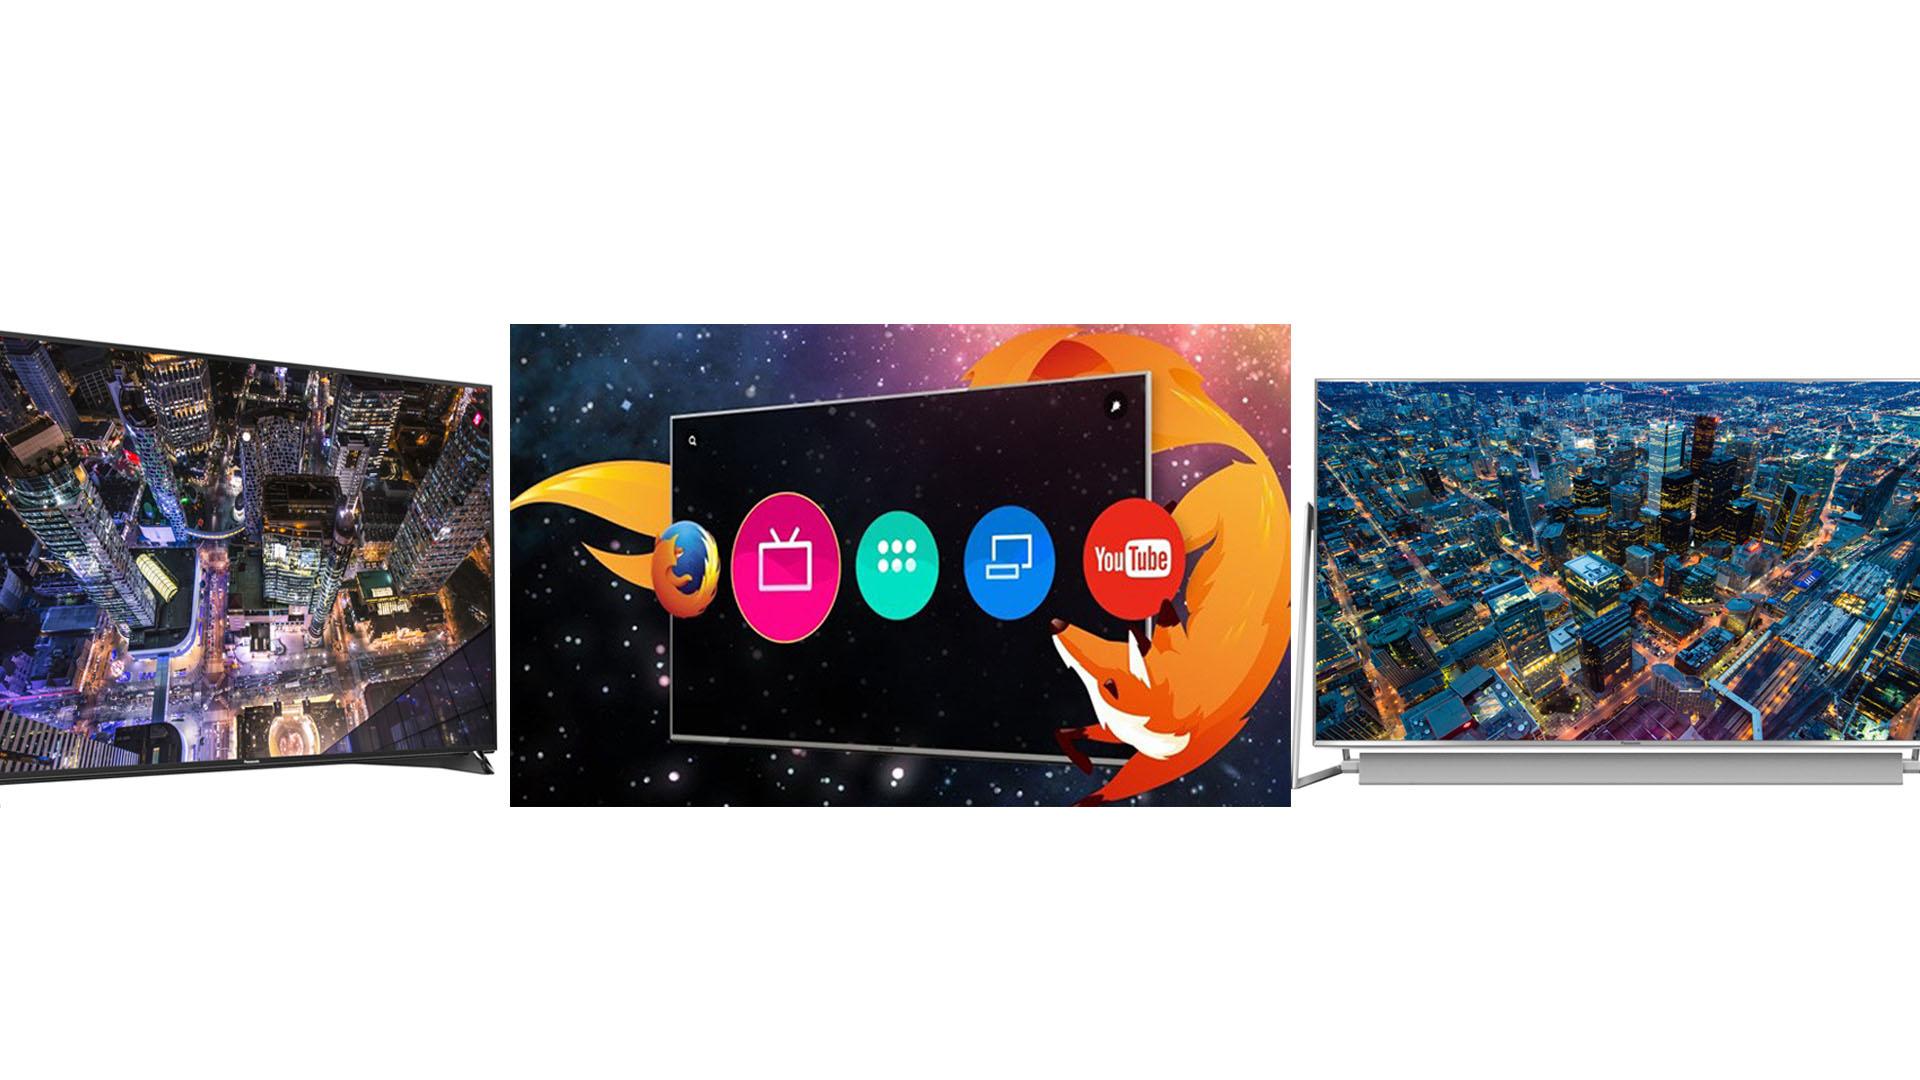 Con tecnología 4K Pro, HDR y Firefox la empresa unió elegancia y funcionalidad en sus modelos del 2016